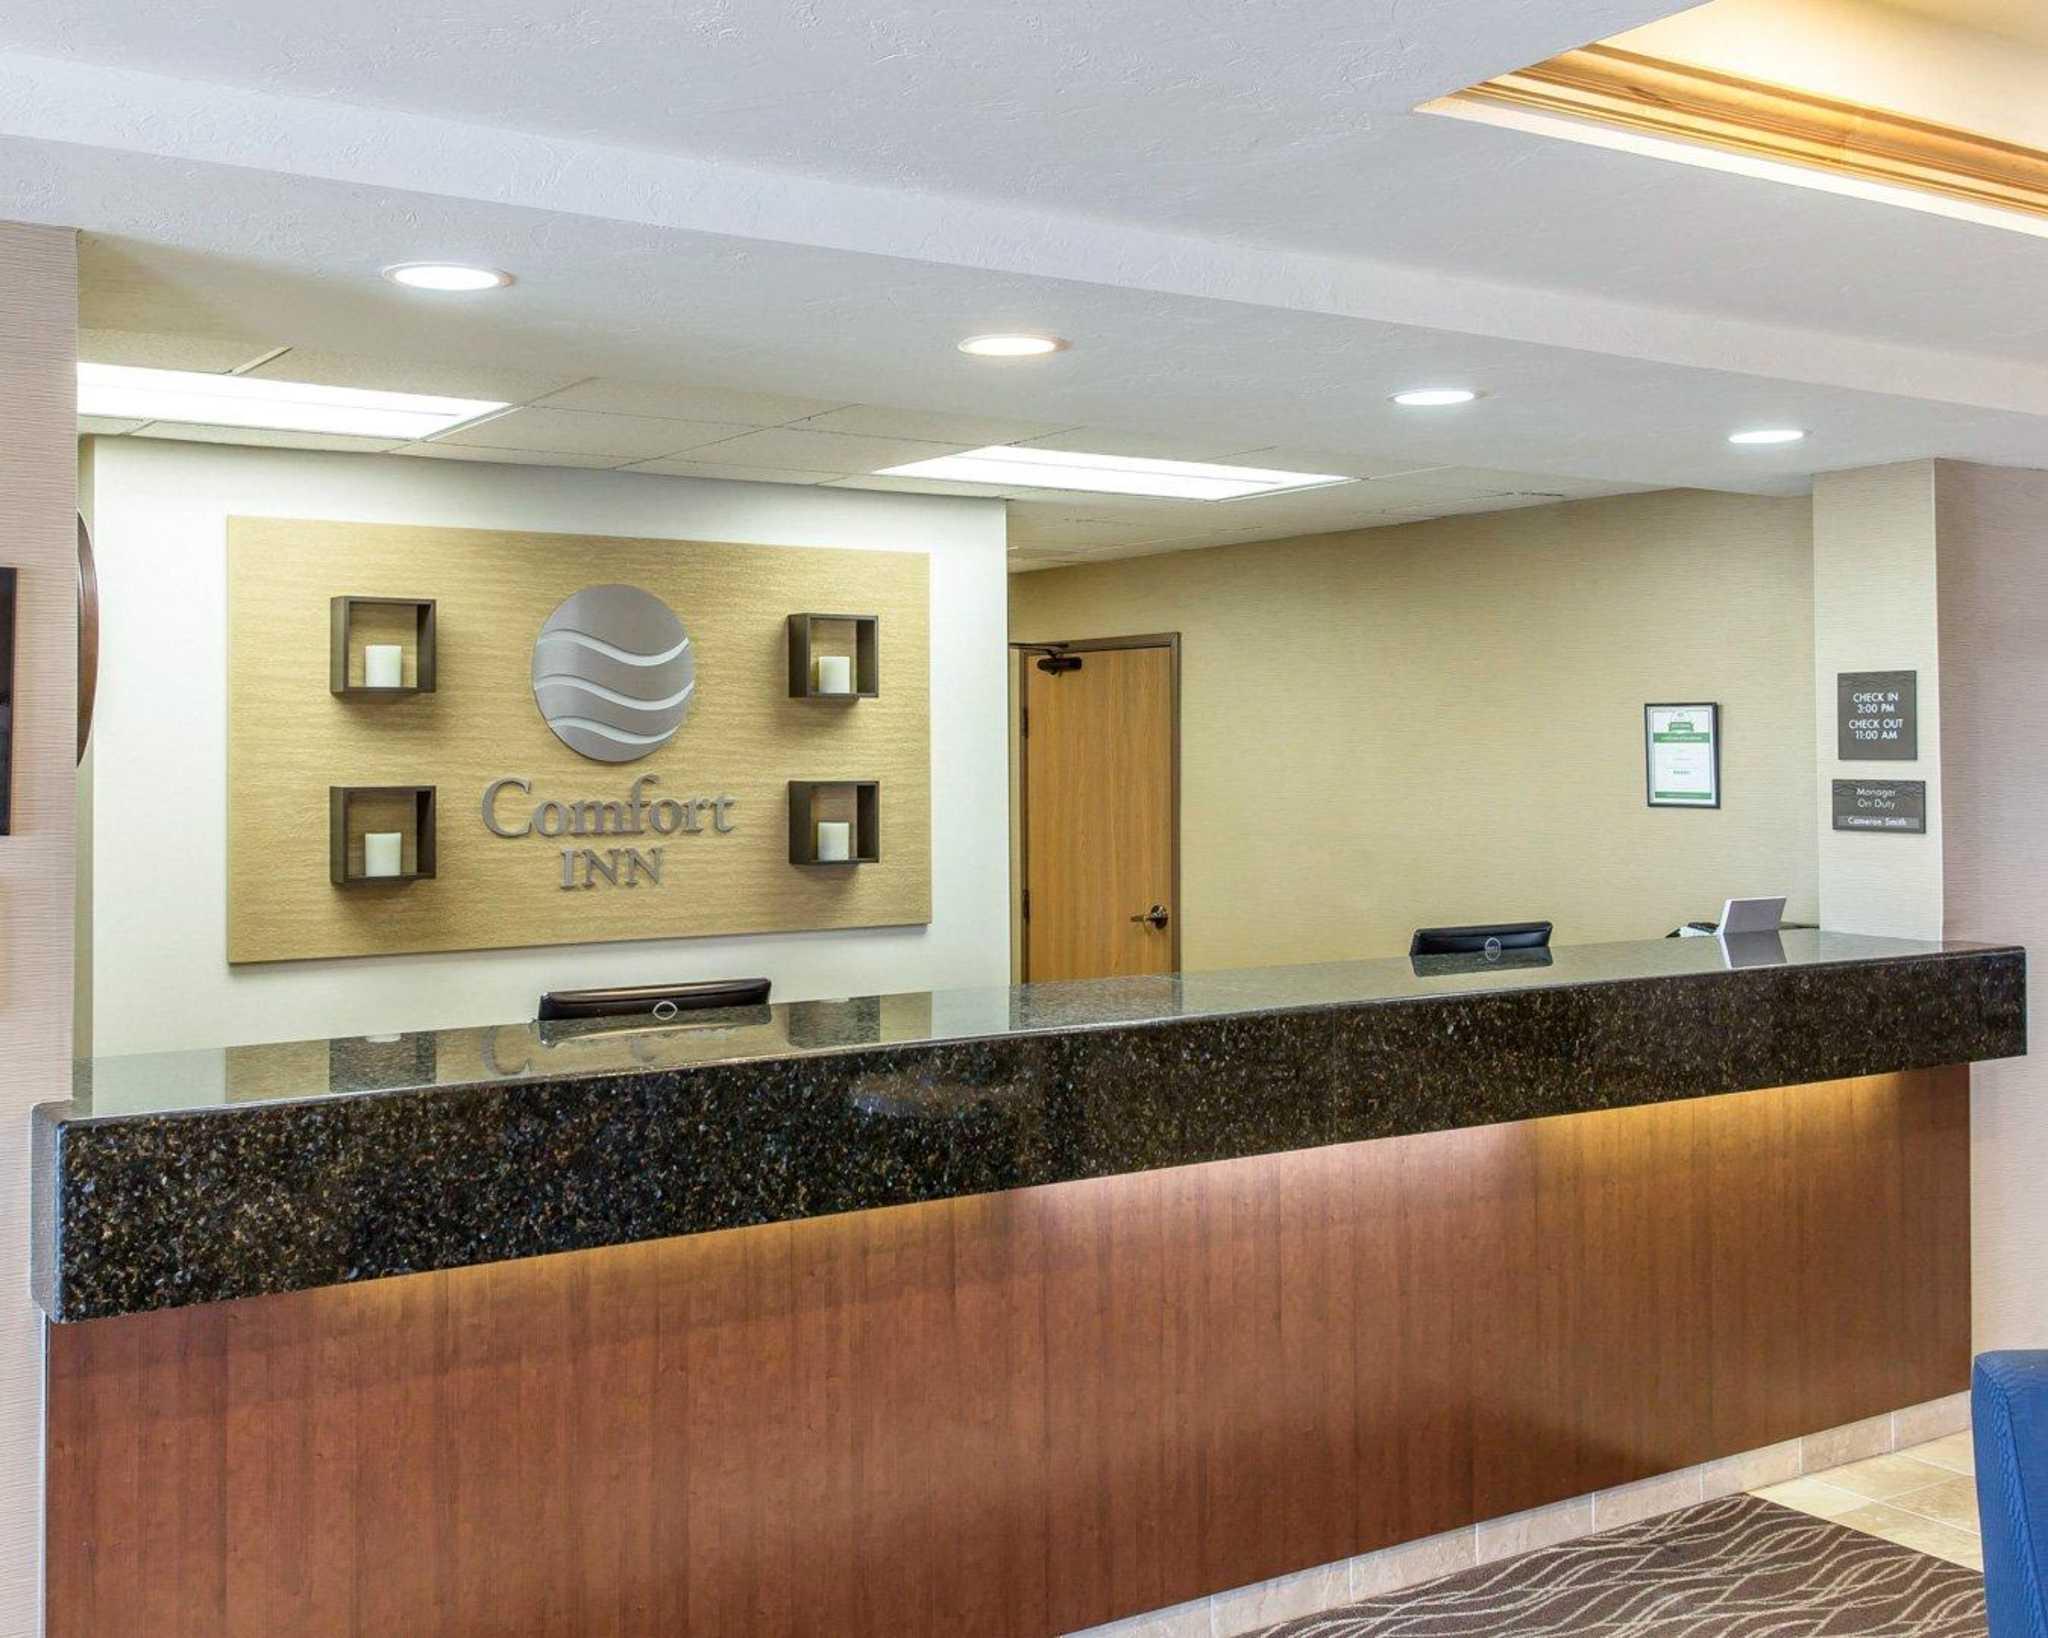 Comfort Inn Evansville-Casper image 24